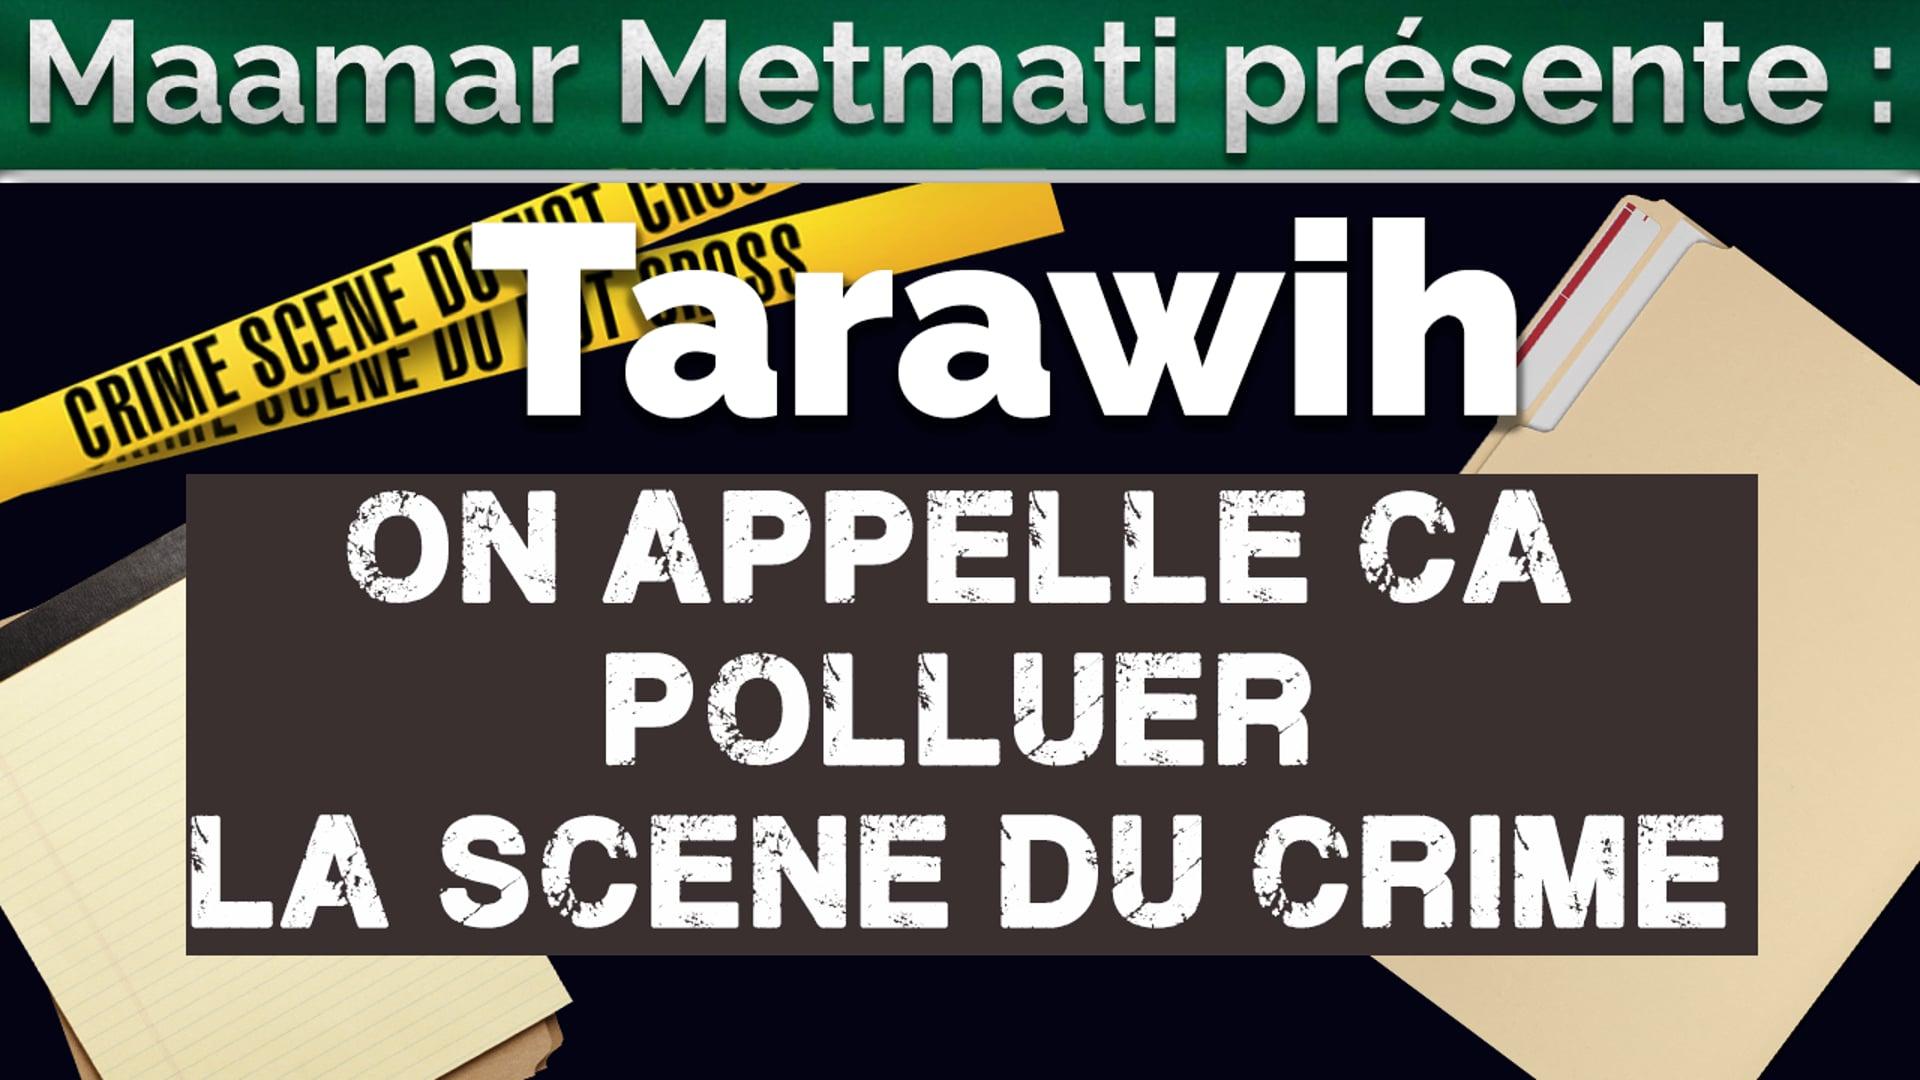 Tarawih : On appelle ça polluer la scène du crime